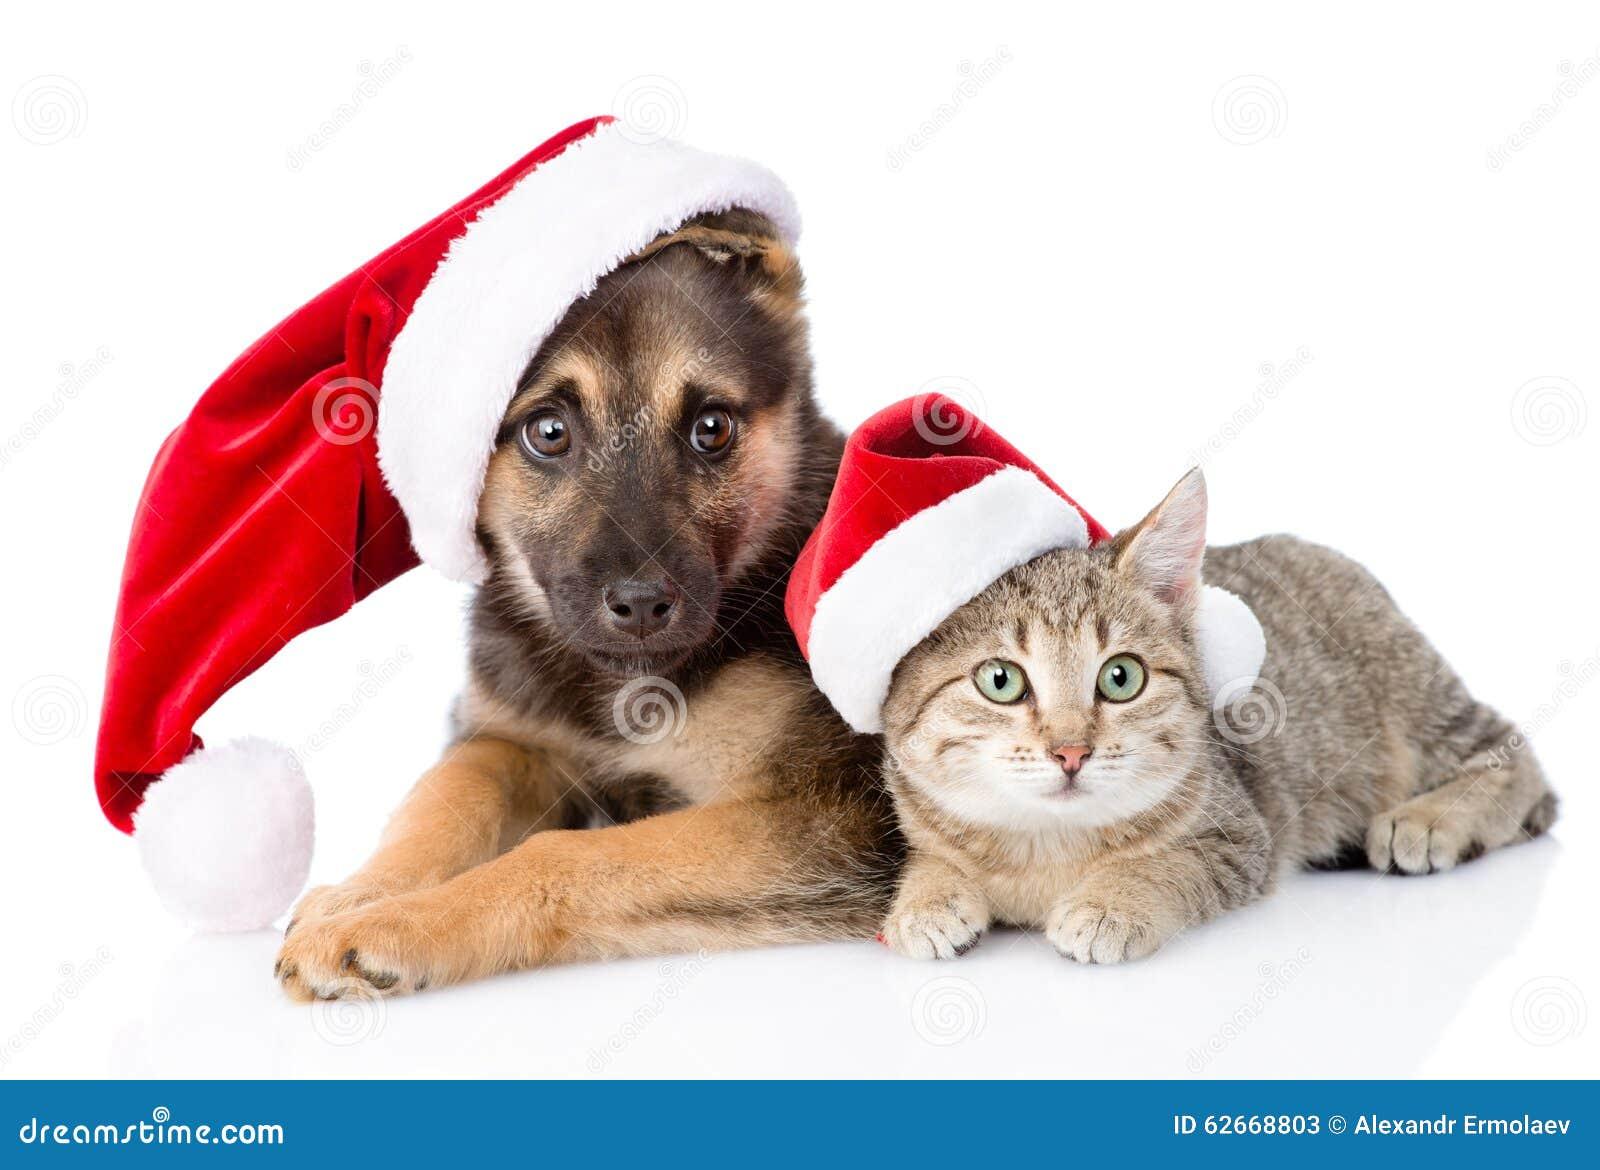 Dog And Cat Holiday White Background Animal